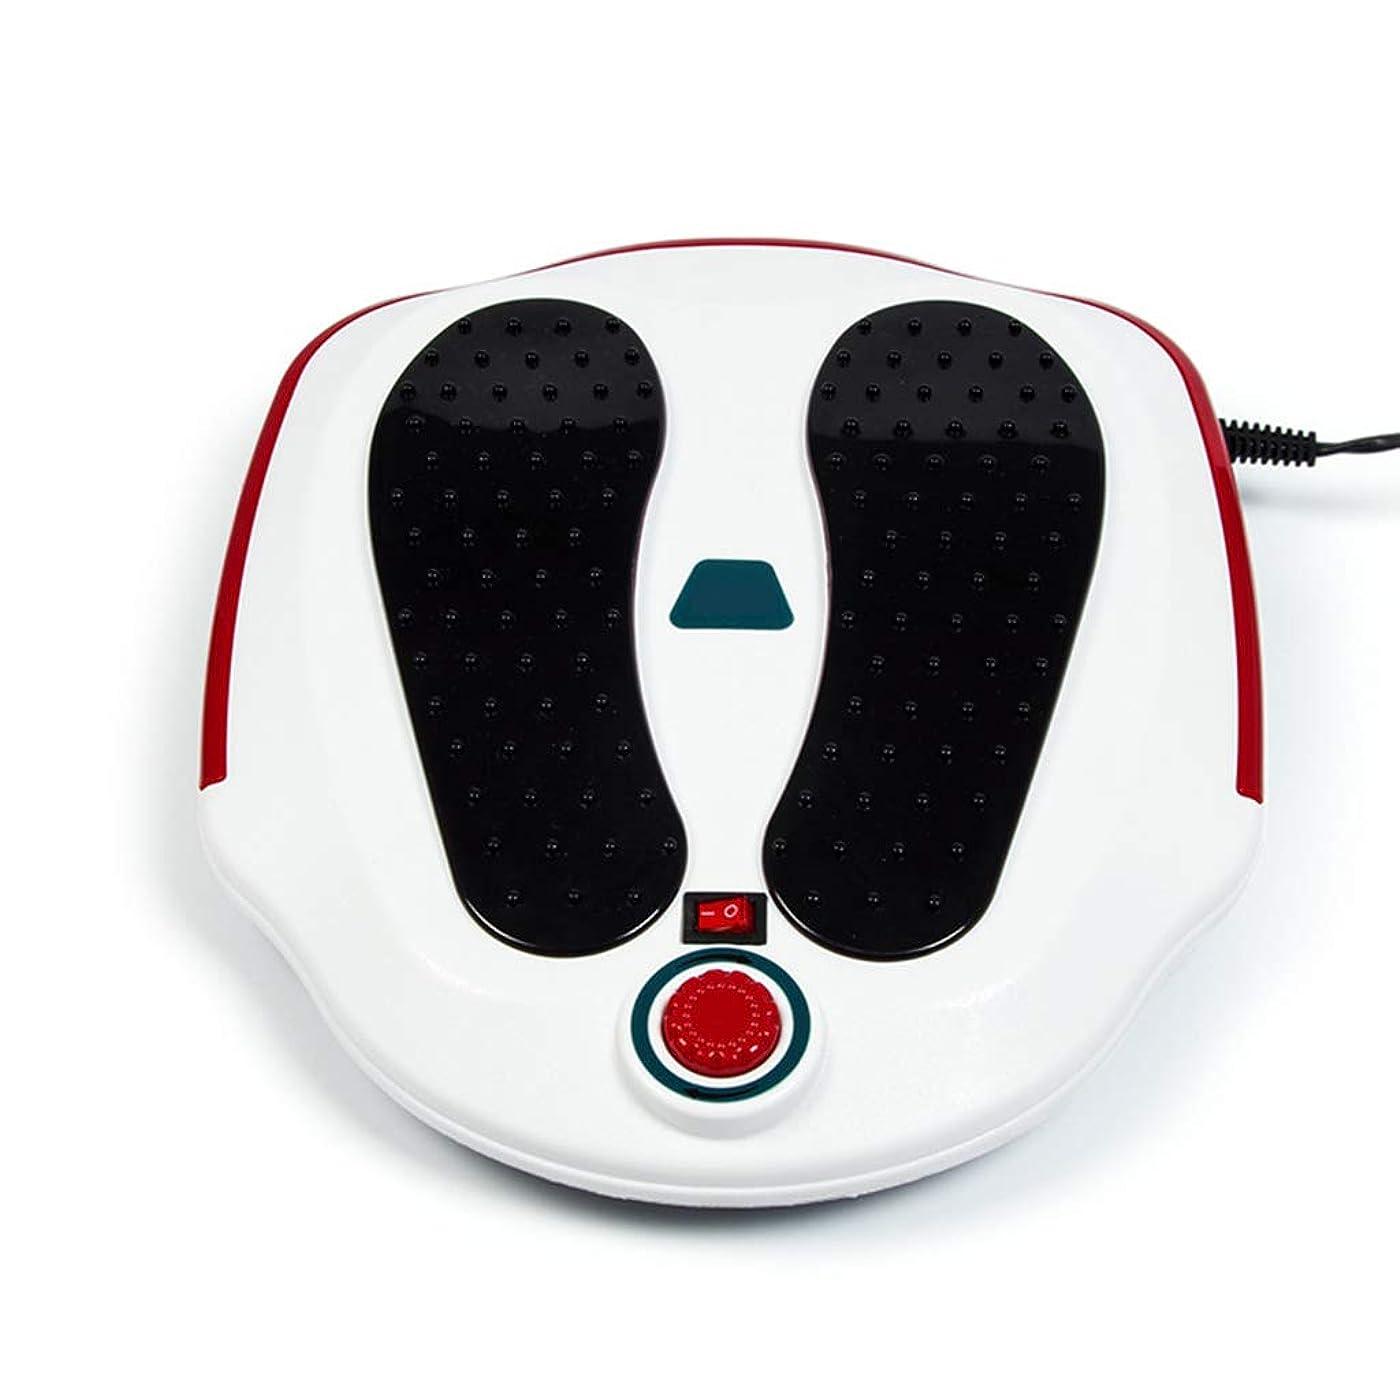 無視できるダイアクリティカル学校電気フットマッサージャーマシン足の循環装置、ふくらはぎの足の血液循環のための治療装置をリラックスし、足底マシン(ホワイト)